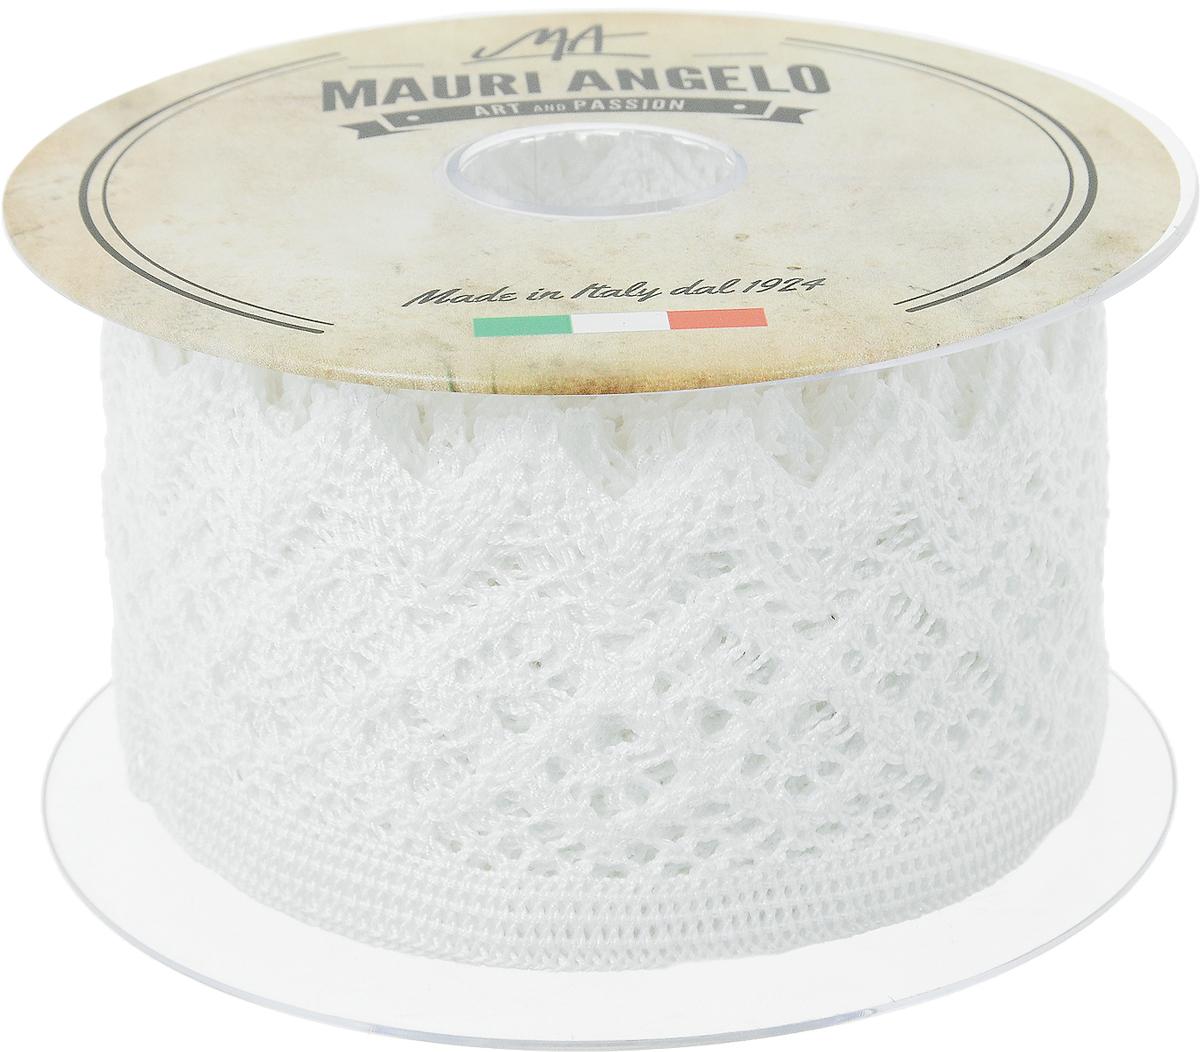 Лента кружевная Mauri Angelo, цвет: белый, 5,9 см х 10 мNLED-454-9W-BKДекоративная кружевная лента Mauri Angelo - текстильное изделие без тканой основы, в котором ажурный орнамент и изображения образуются в результате переплетения нитей. Кружево применяется для отделки одежды, белья в виде окаймления или вставок, а также в оформлении интерьера, декоративных панно, скатертей, тюлей, покрывал. Главные особенности кружева - воздушность, тонкость, эластичность, узорность.Декоративная кружевная лента Mauri Angelo станет незаменимым элементом в создании рукотворного шедевра. Ширина: 5,9 см.Длина: 10 м.